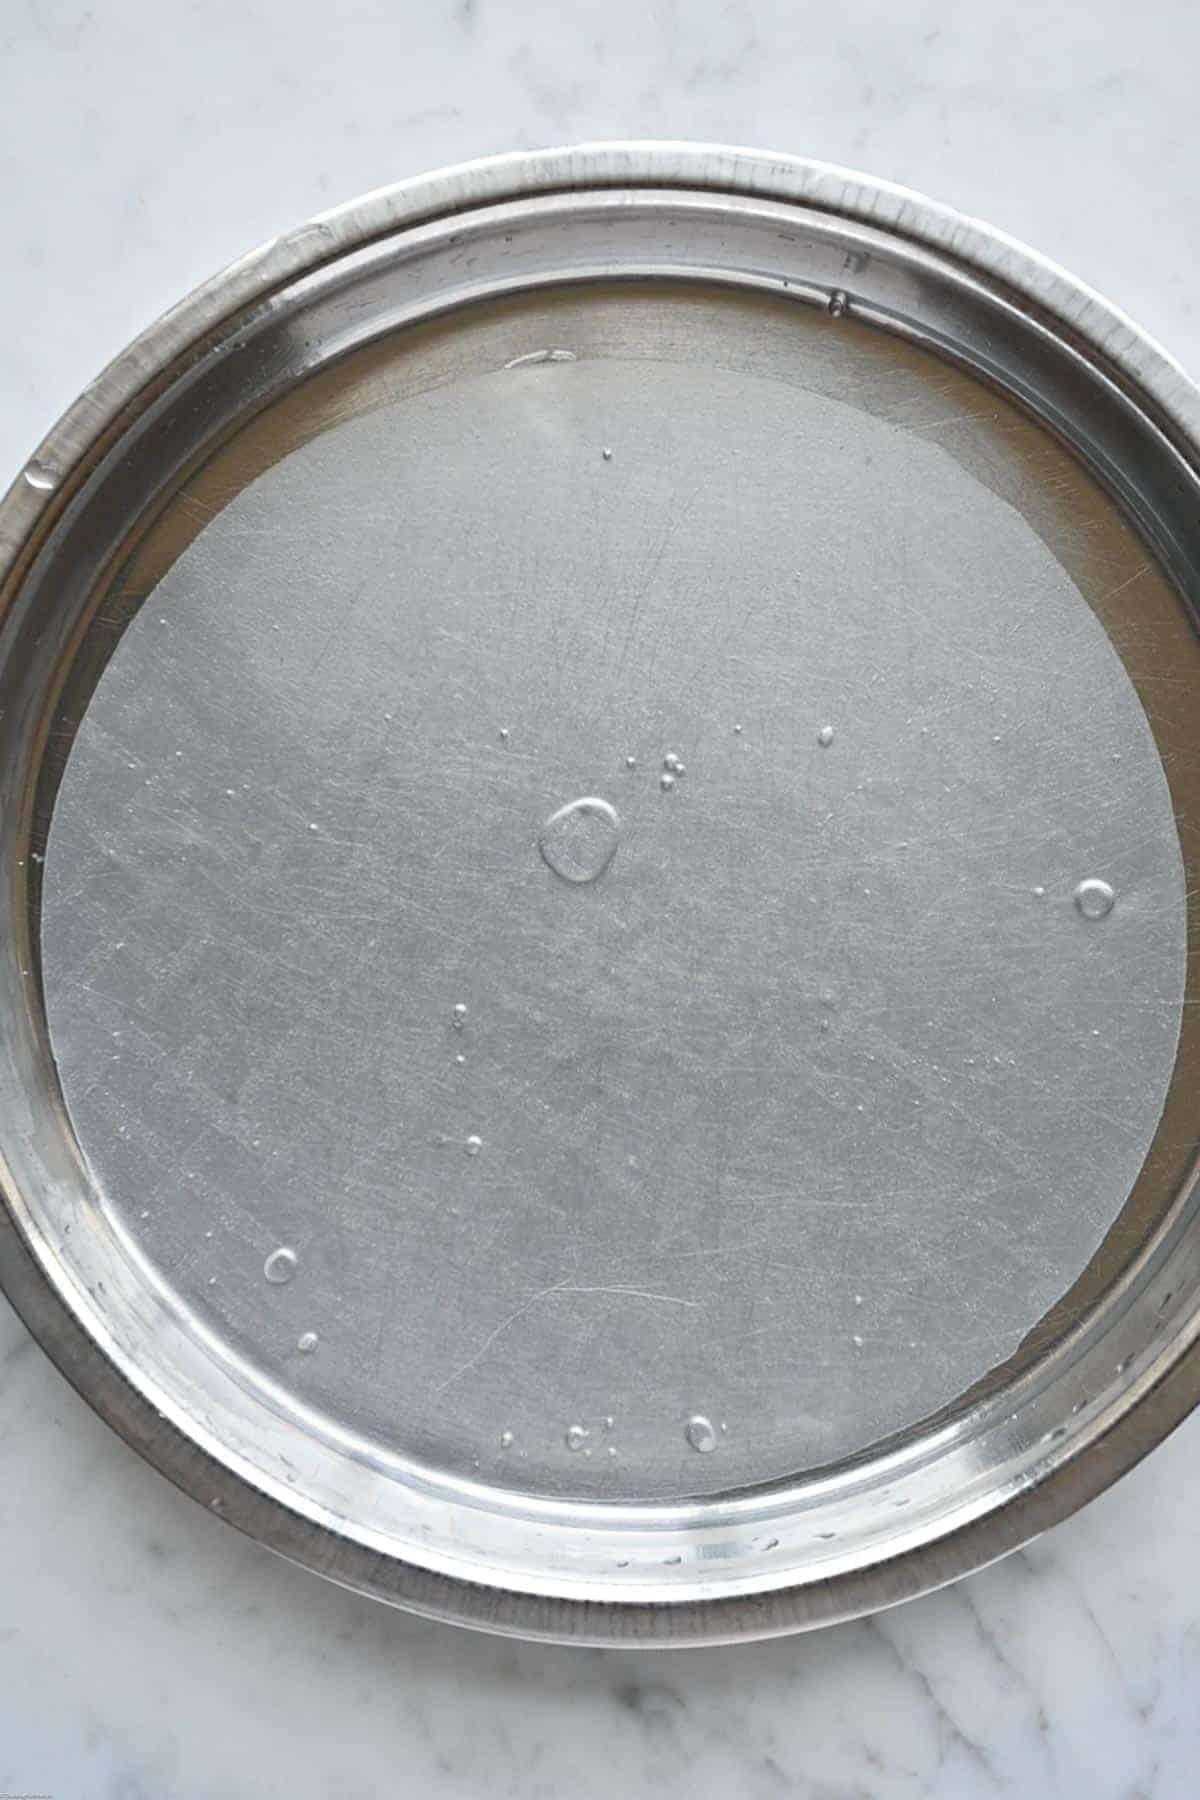 Rice paper soaking in water for making Easy Vegan No-Chop Dumplings.